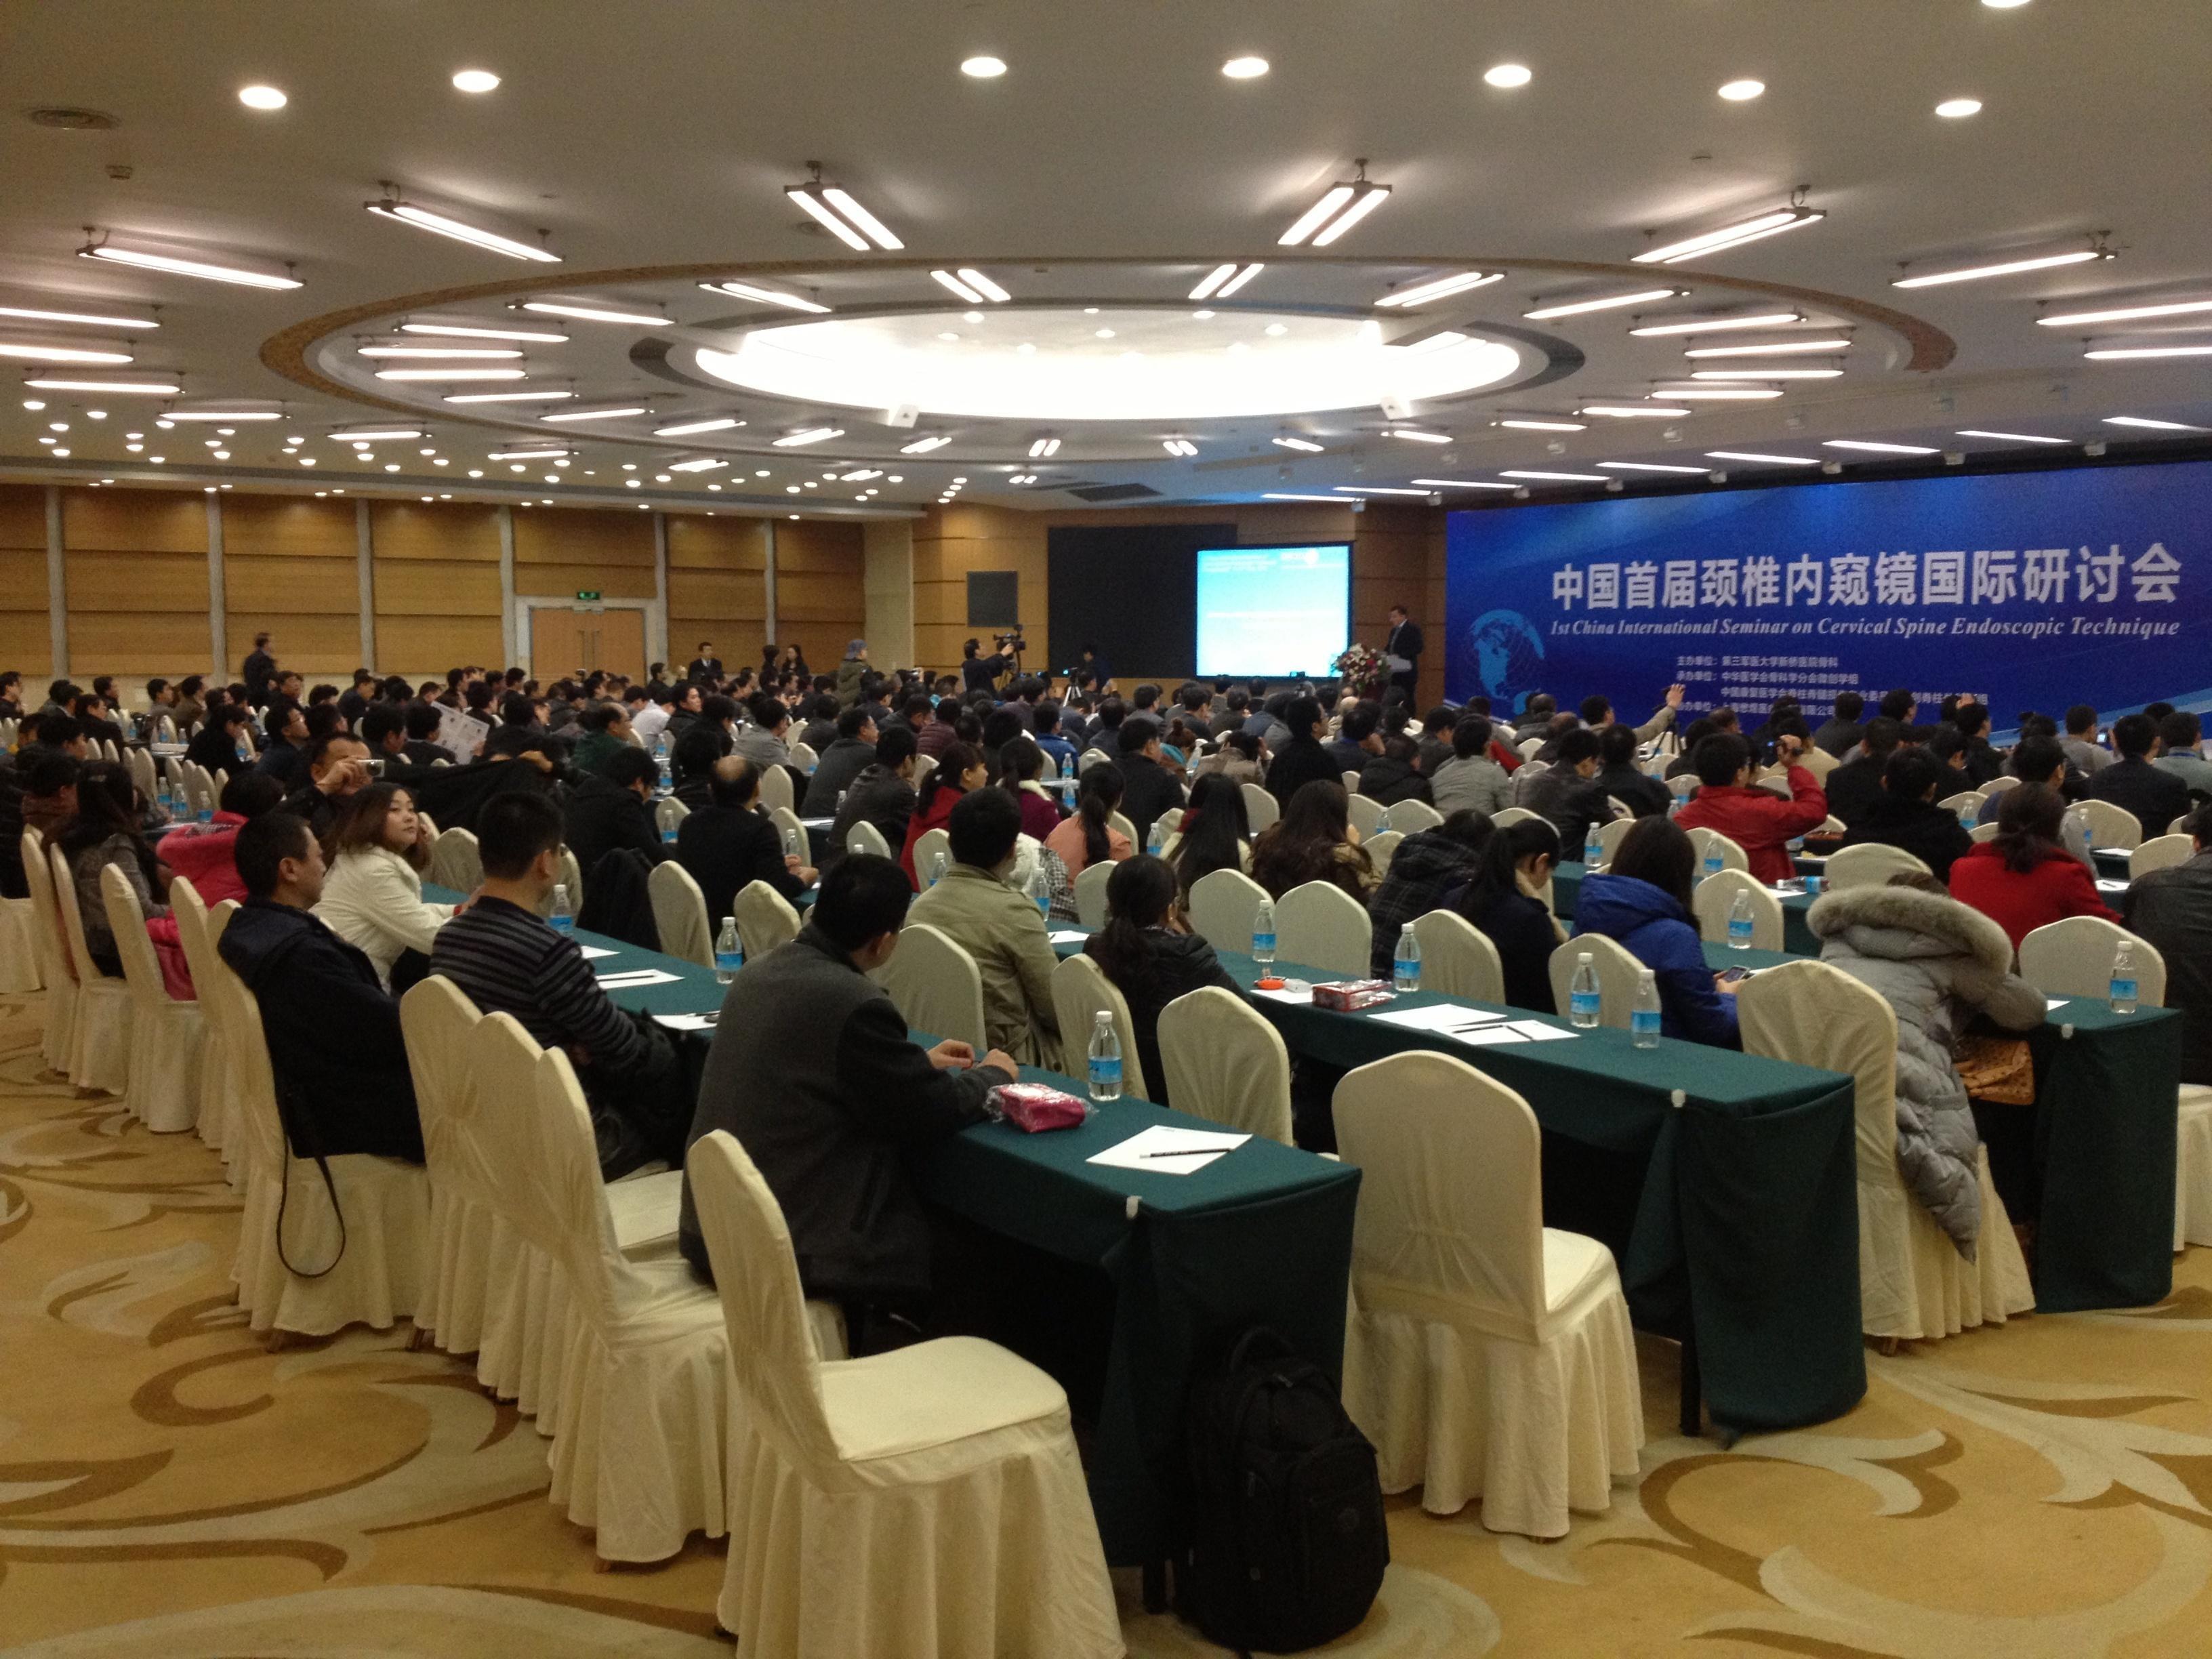 schubert bandscheibenoperation china